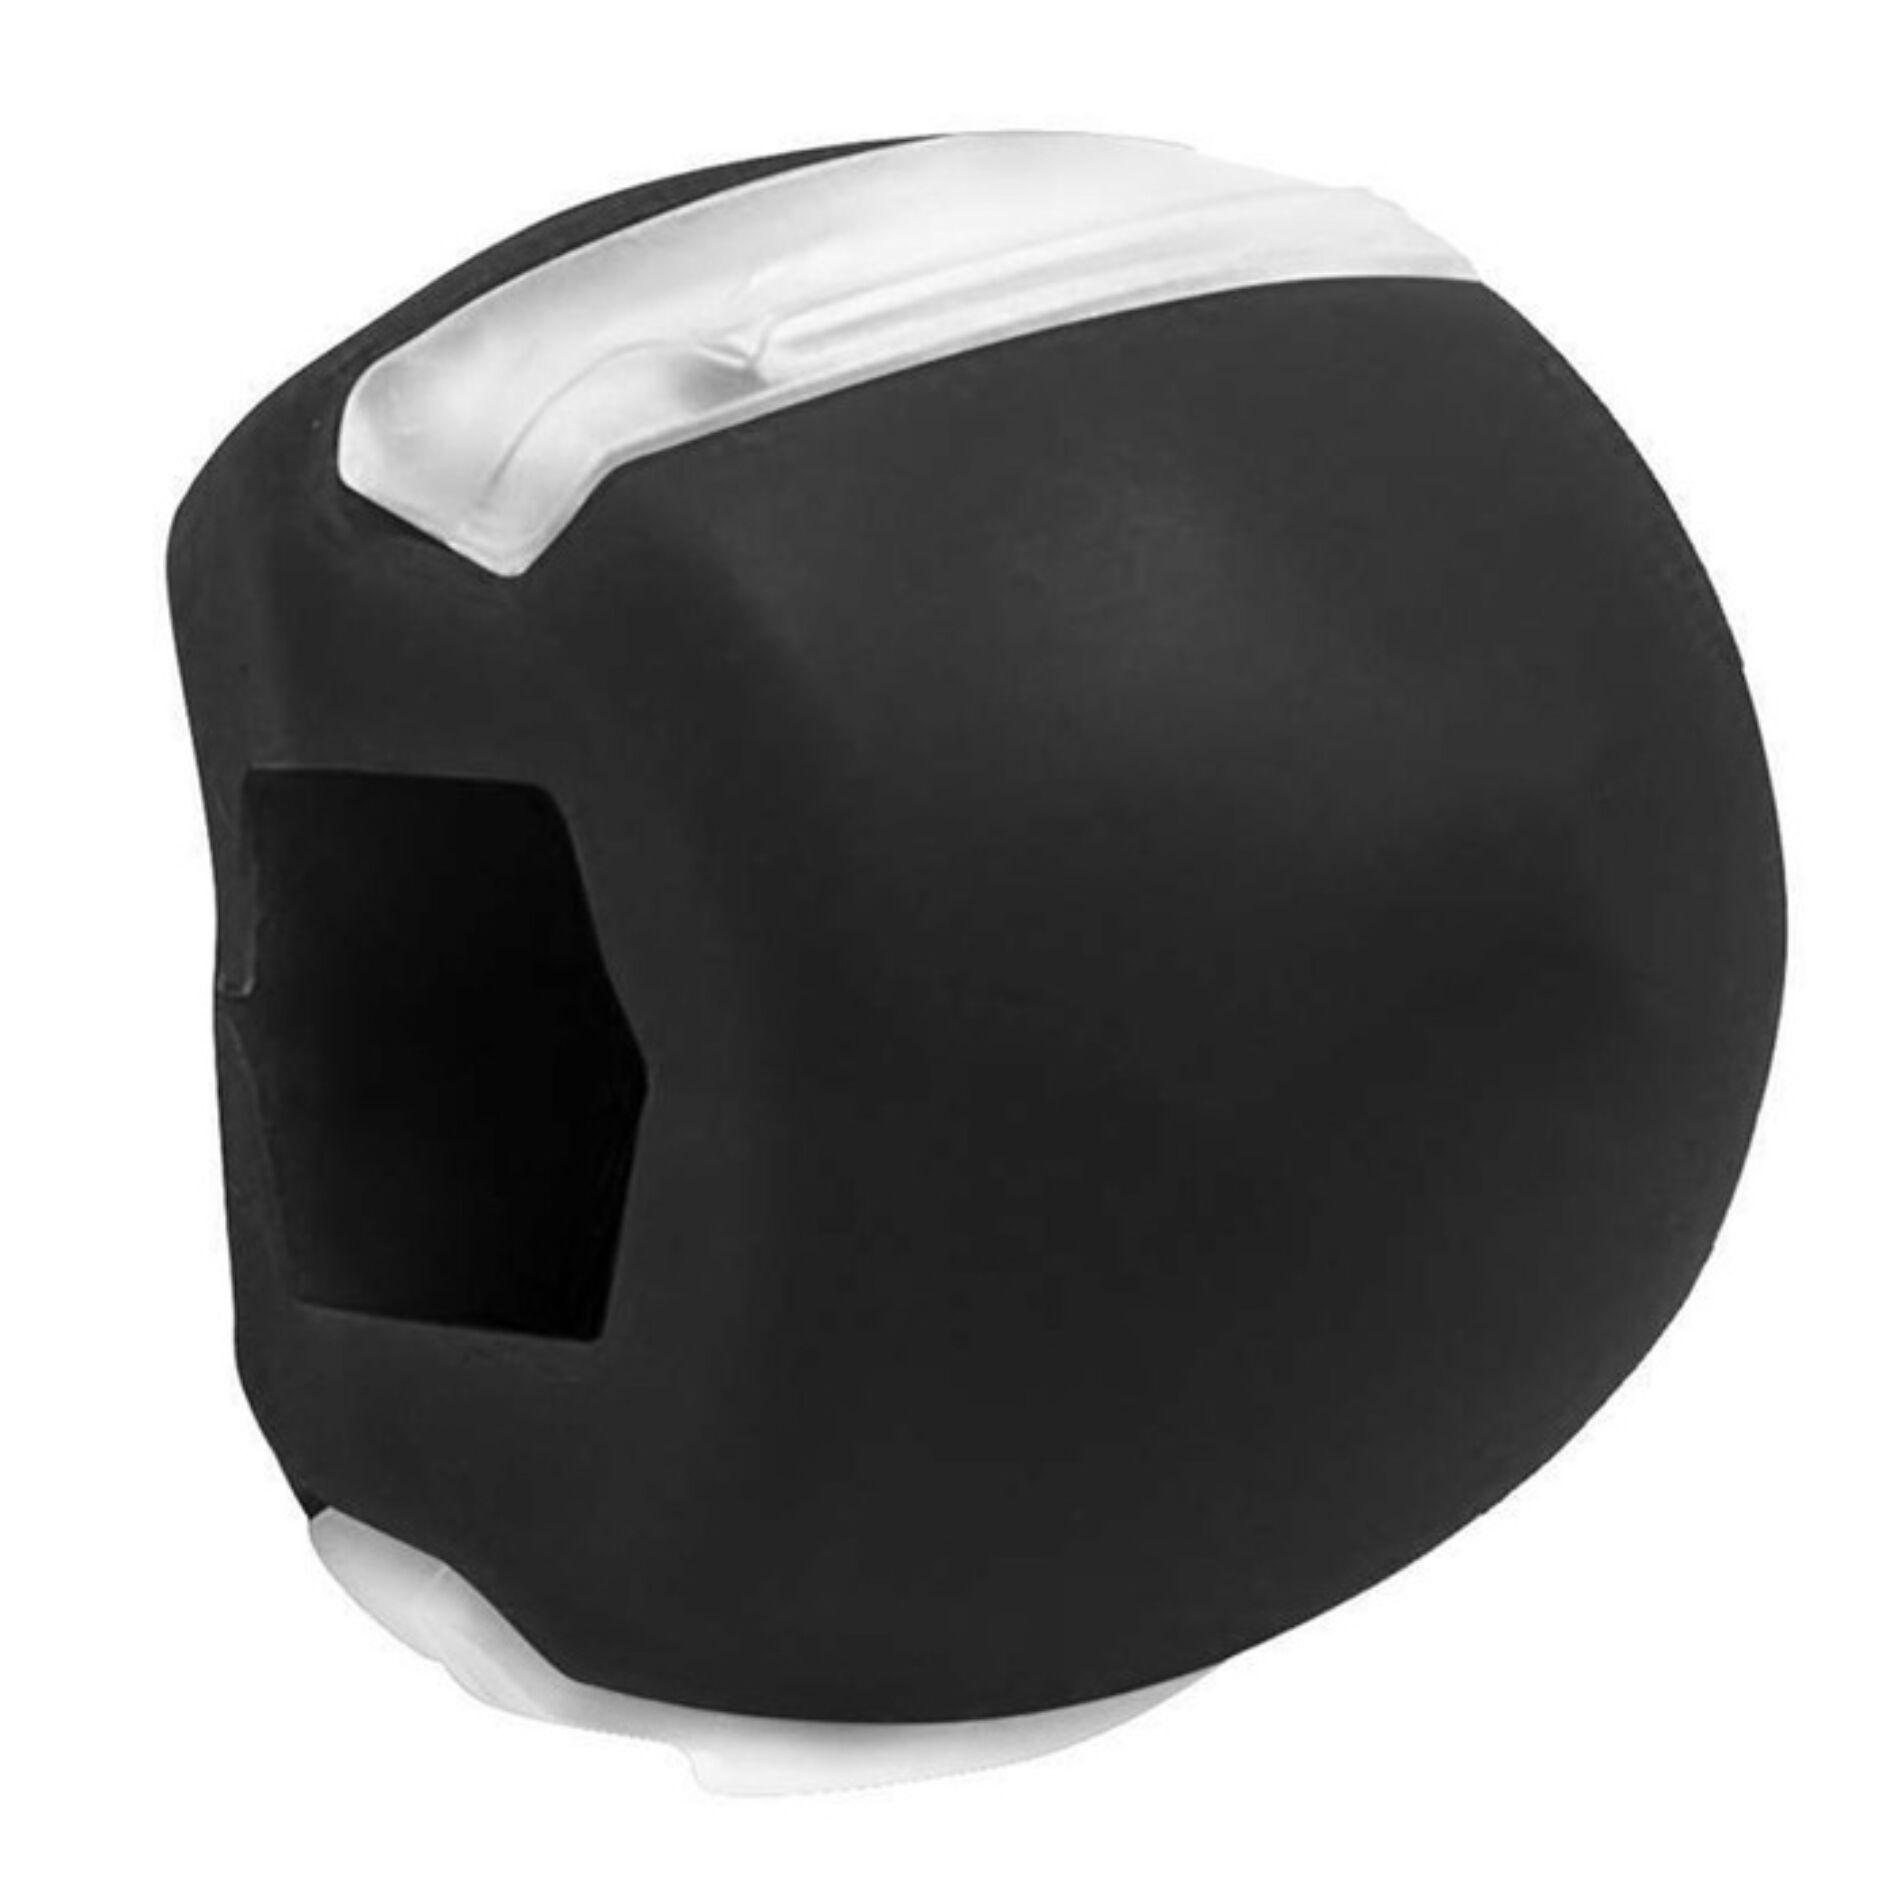 ARCIZOMEDZŐ LABDA fekete színű